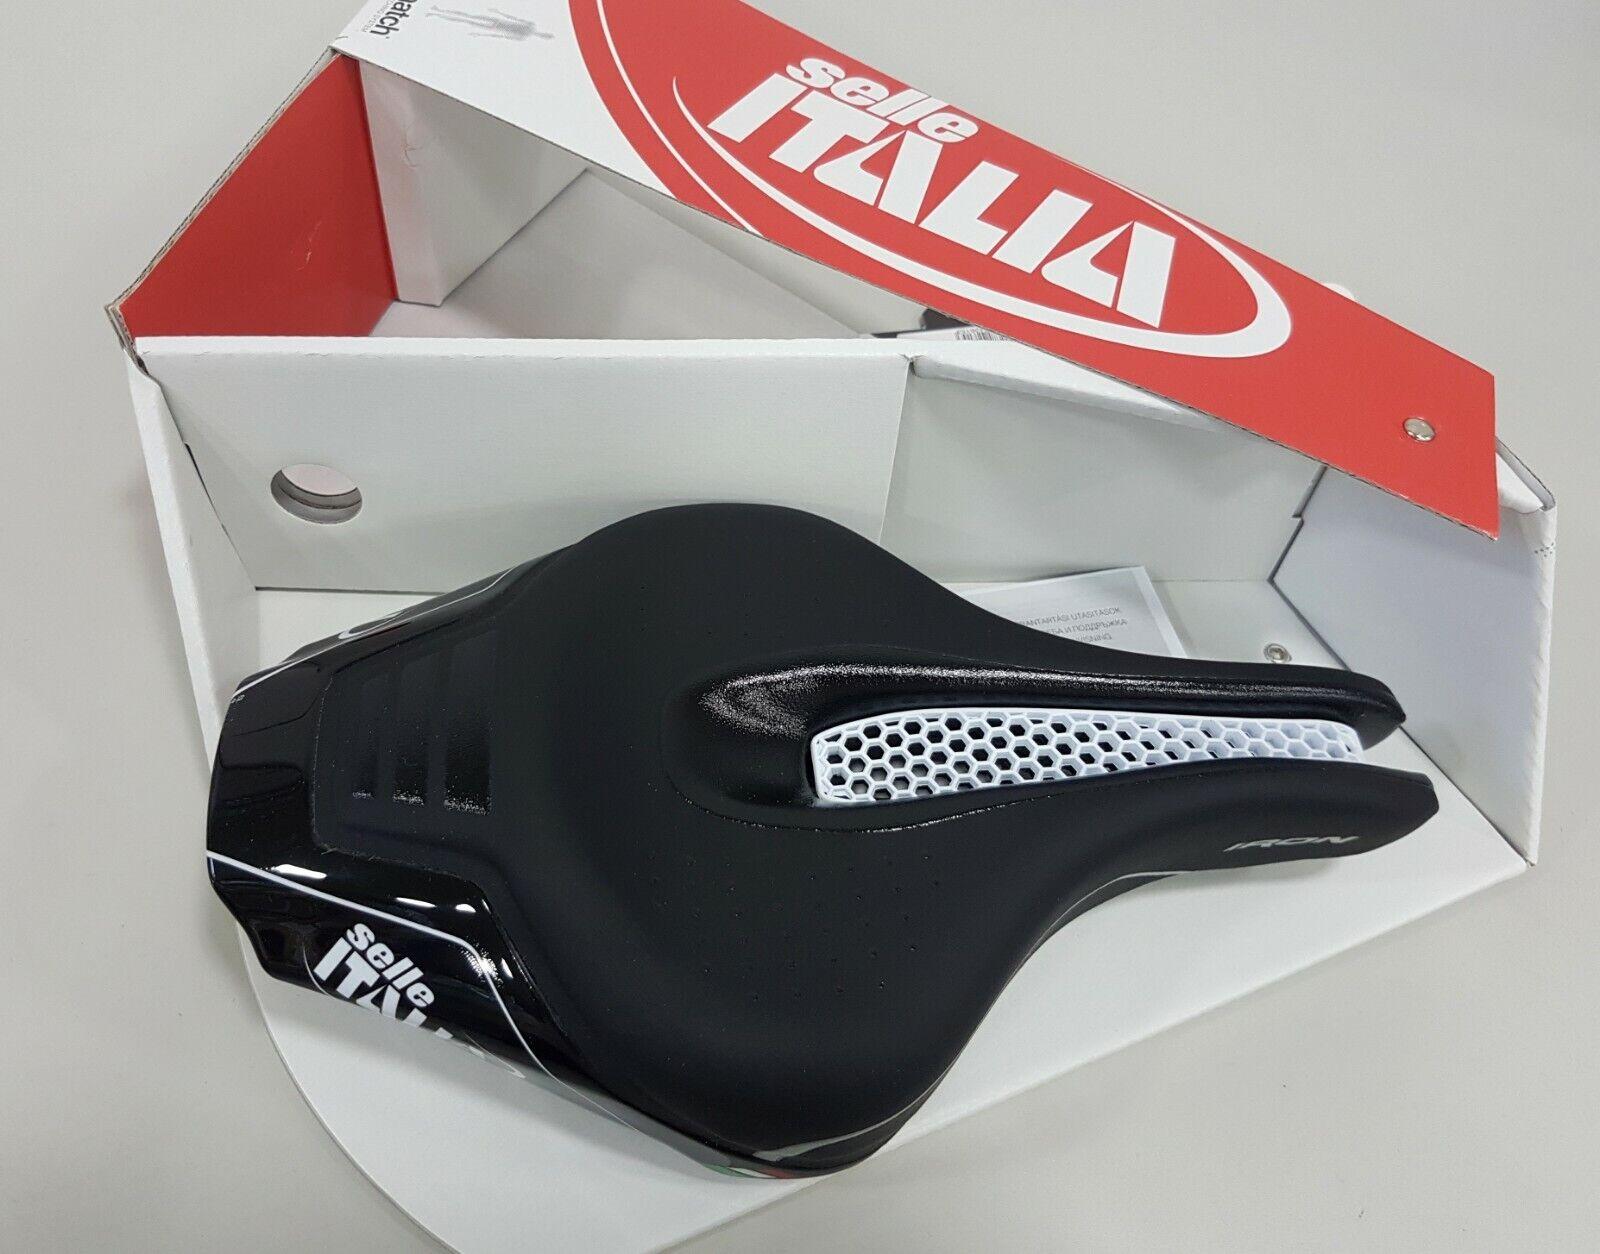 Selle Italia flujo de hierro L3 145x265mm TI 316 Cocheril Sillín De Bicicleta Negro